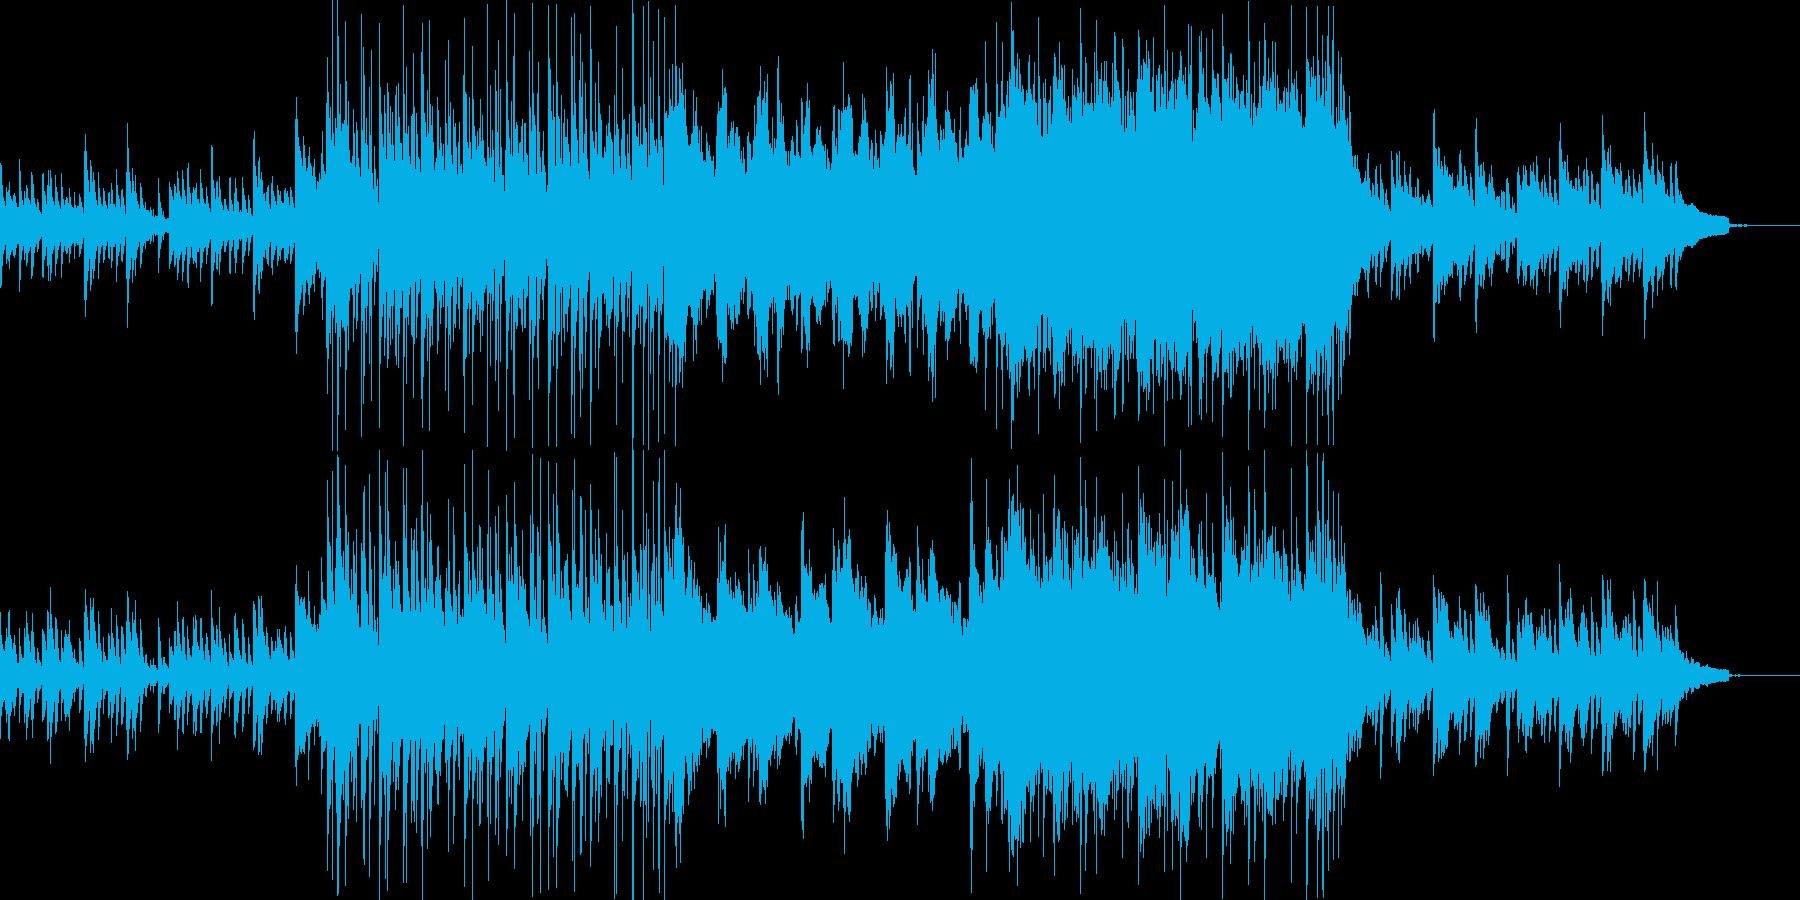 【エンディングBGM】Yoursの再生済みの波形